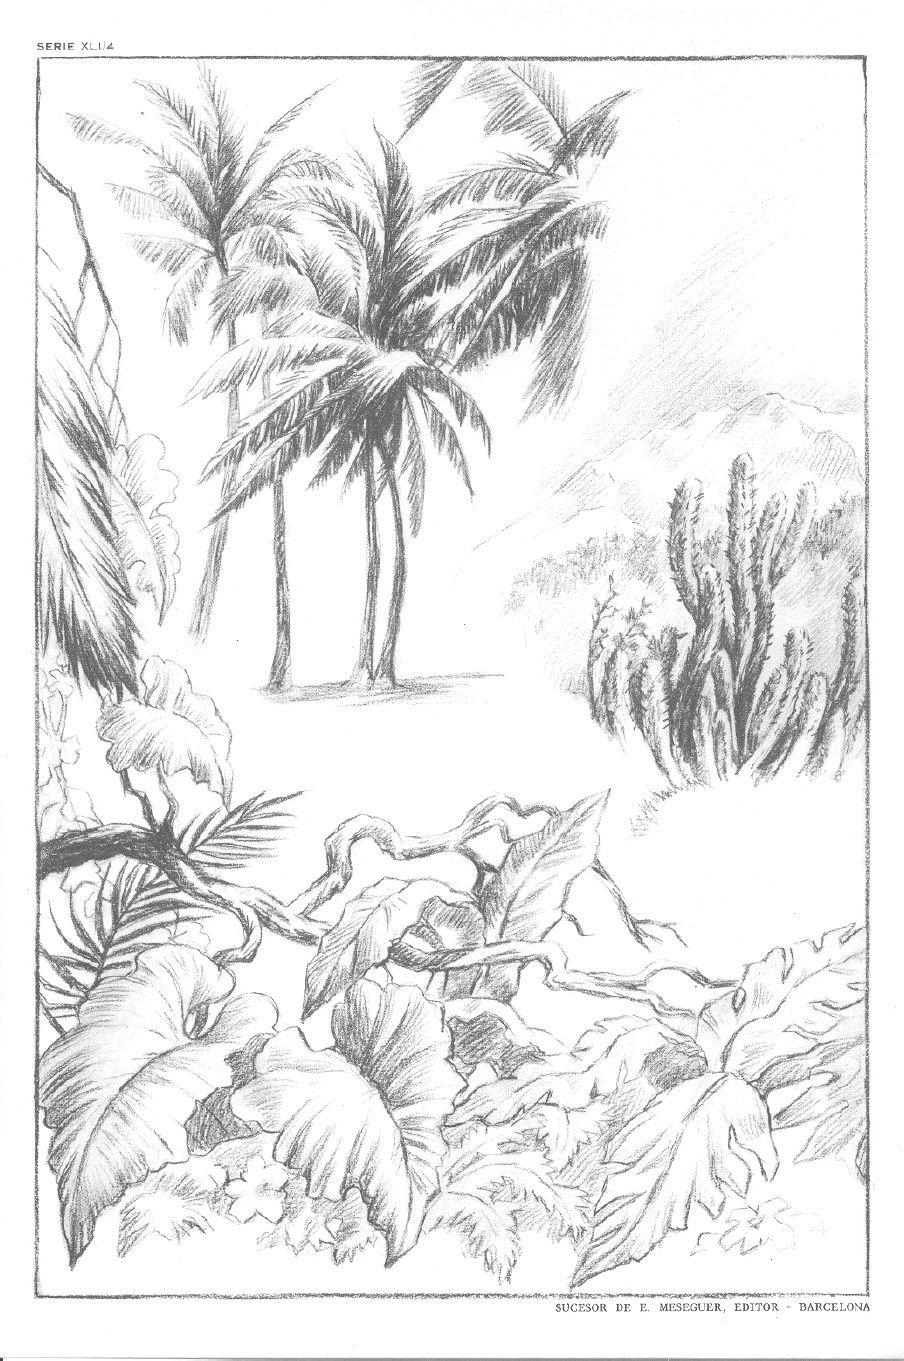 Dibujo emilio freixas l minas serie 41 paisajes iii - Laminas de pared ...